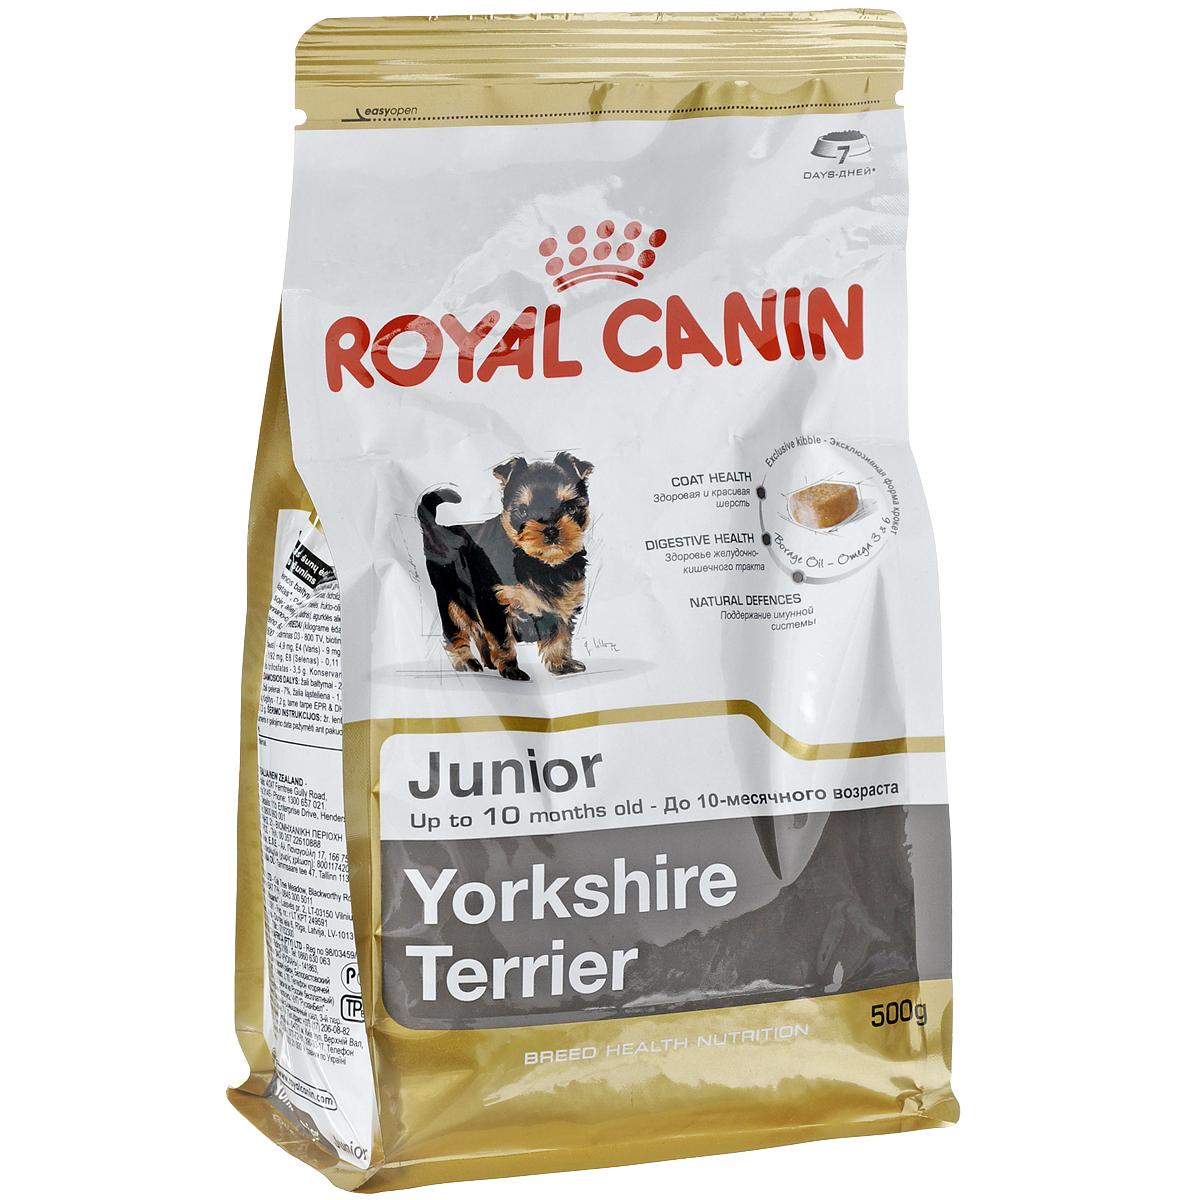 Корм сухой Royal Canin Yorkshire Terrier Junior, для щенков породы йоркширский терьер ввозрасте до 10 месяцев, 1,5 кг0120710Сухой корм Royal Canin Yorkshire Terrier Junior - это полнорационный корм для щенков породы йоркширский терьер в возрасте до 10месяцев. Здоровая шерсть. Эксклюзивная формула поддерживает здоровье и красоту шерсти йоркширского терьера. Кормобогащен жирными кислотами Омега-3 (EPA и DHA) и Омега-6, маслом бурачника и биотином. Безопасность пищеварения. Корм обеспечивает оптимальную безопасность пищеварения и поддерживает баланскишечной флоры щенков йоркширского терьера.Надежная естественная защита. Корм позволяет обеспечить естественную защиту организма щенкайоркширского терьера.Профилактика образования зубного камня.Благодаря хелаторам кальция и специально подобранной текстуре крокет, которая оказывает чистящее воздействие, корм помогает ограничить образование зубного камня у щенков породы йоркширский терьер.Состав: дегидратированные белки животного происхождения (птица), изолят растительных белков, рис,животные жиры, кукурузная мука, свекольный жом, гидролизат белков животного происхождения, минеральныевещества, соевое масло, рыбий жир, фруктоолигосахариды, дрожжи, гидролизат дрожжей (источник маннановыхолигосахаридов), масло огуречника аптечного (0,1%), экстракт бархатцев прямостоячих (источник лютеина). Добавки (в 1 кг): Питательные добавки: витамин A: 29500 МЕ, витамин D3: 800 МЕ, Биотин: 3,07 мг, E1 (железо): 49 мг,E2 (йод): 4,9 мг, E5 (марганец): 64 мг, E6 (цинк): 192 мг, E8 (селен): 0,11 мг. Технологические добавки: триполифосфатнатрия: 3,5 г, консервант: сорбат калия, антиокислители: пропилгаллат, БГА. Содержание питательных веществ: Белки 29%, жиры 20%, минеральные вещества 7%, клетчатка пищевая 1,3%. В 1кг: жирные кислоты Омега 3: 7,2 г, в том числе жирные кислоты EPA и DNA: 3 г, жирные кислоты Омега 6: 37,2 г, медь:15 мг.Товар сертифицирован.